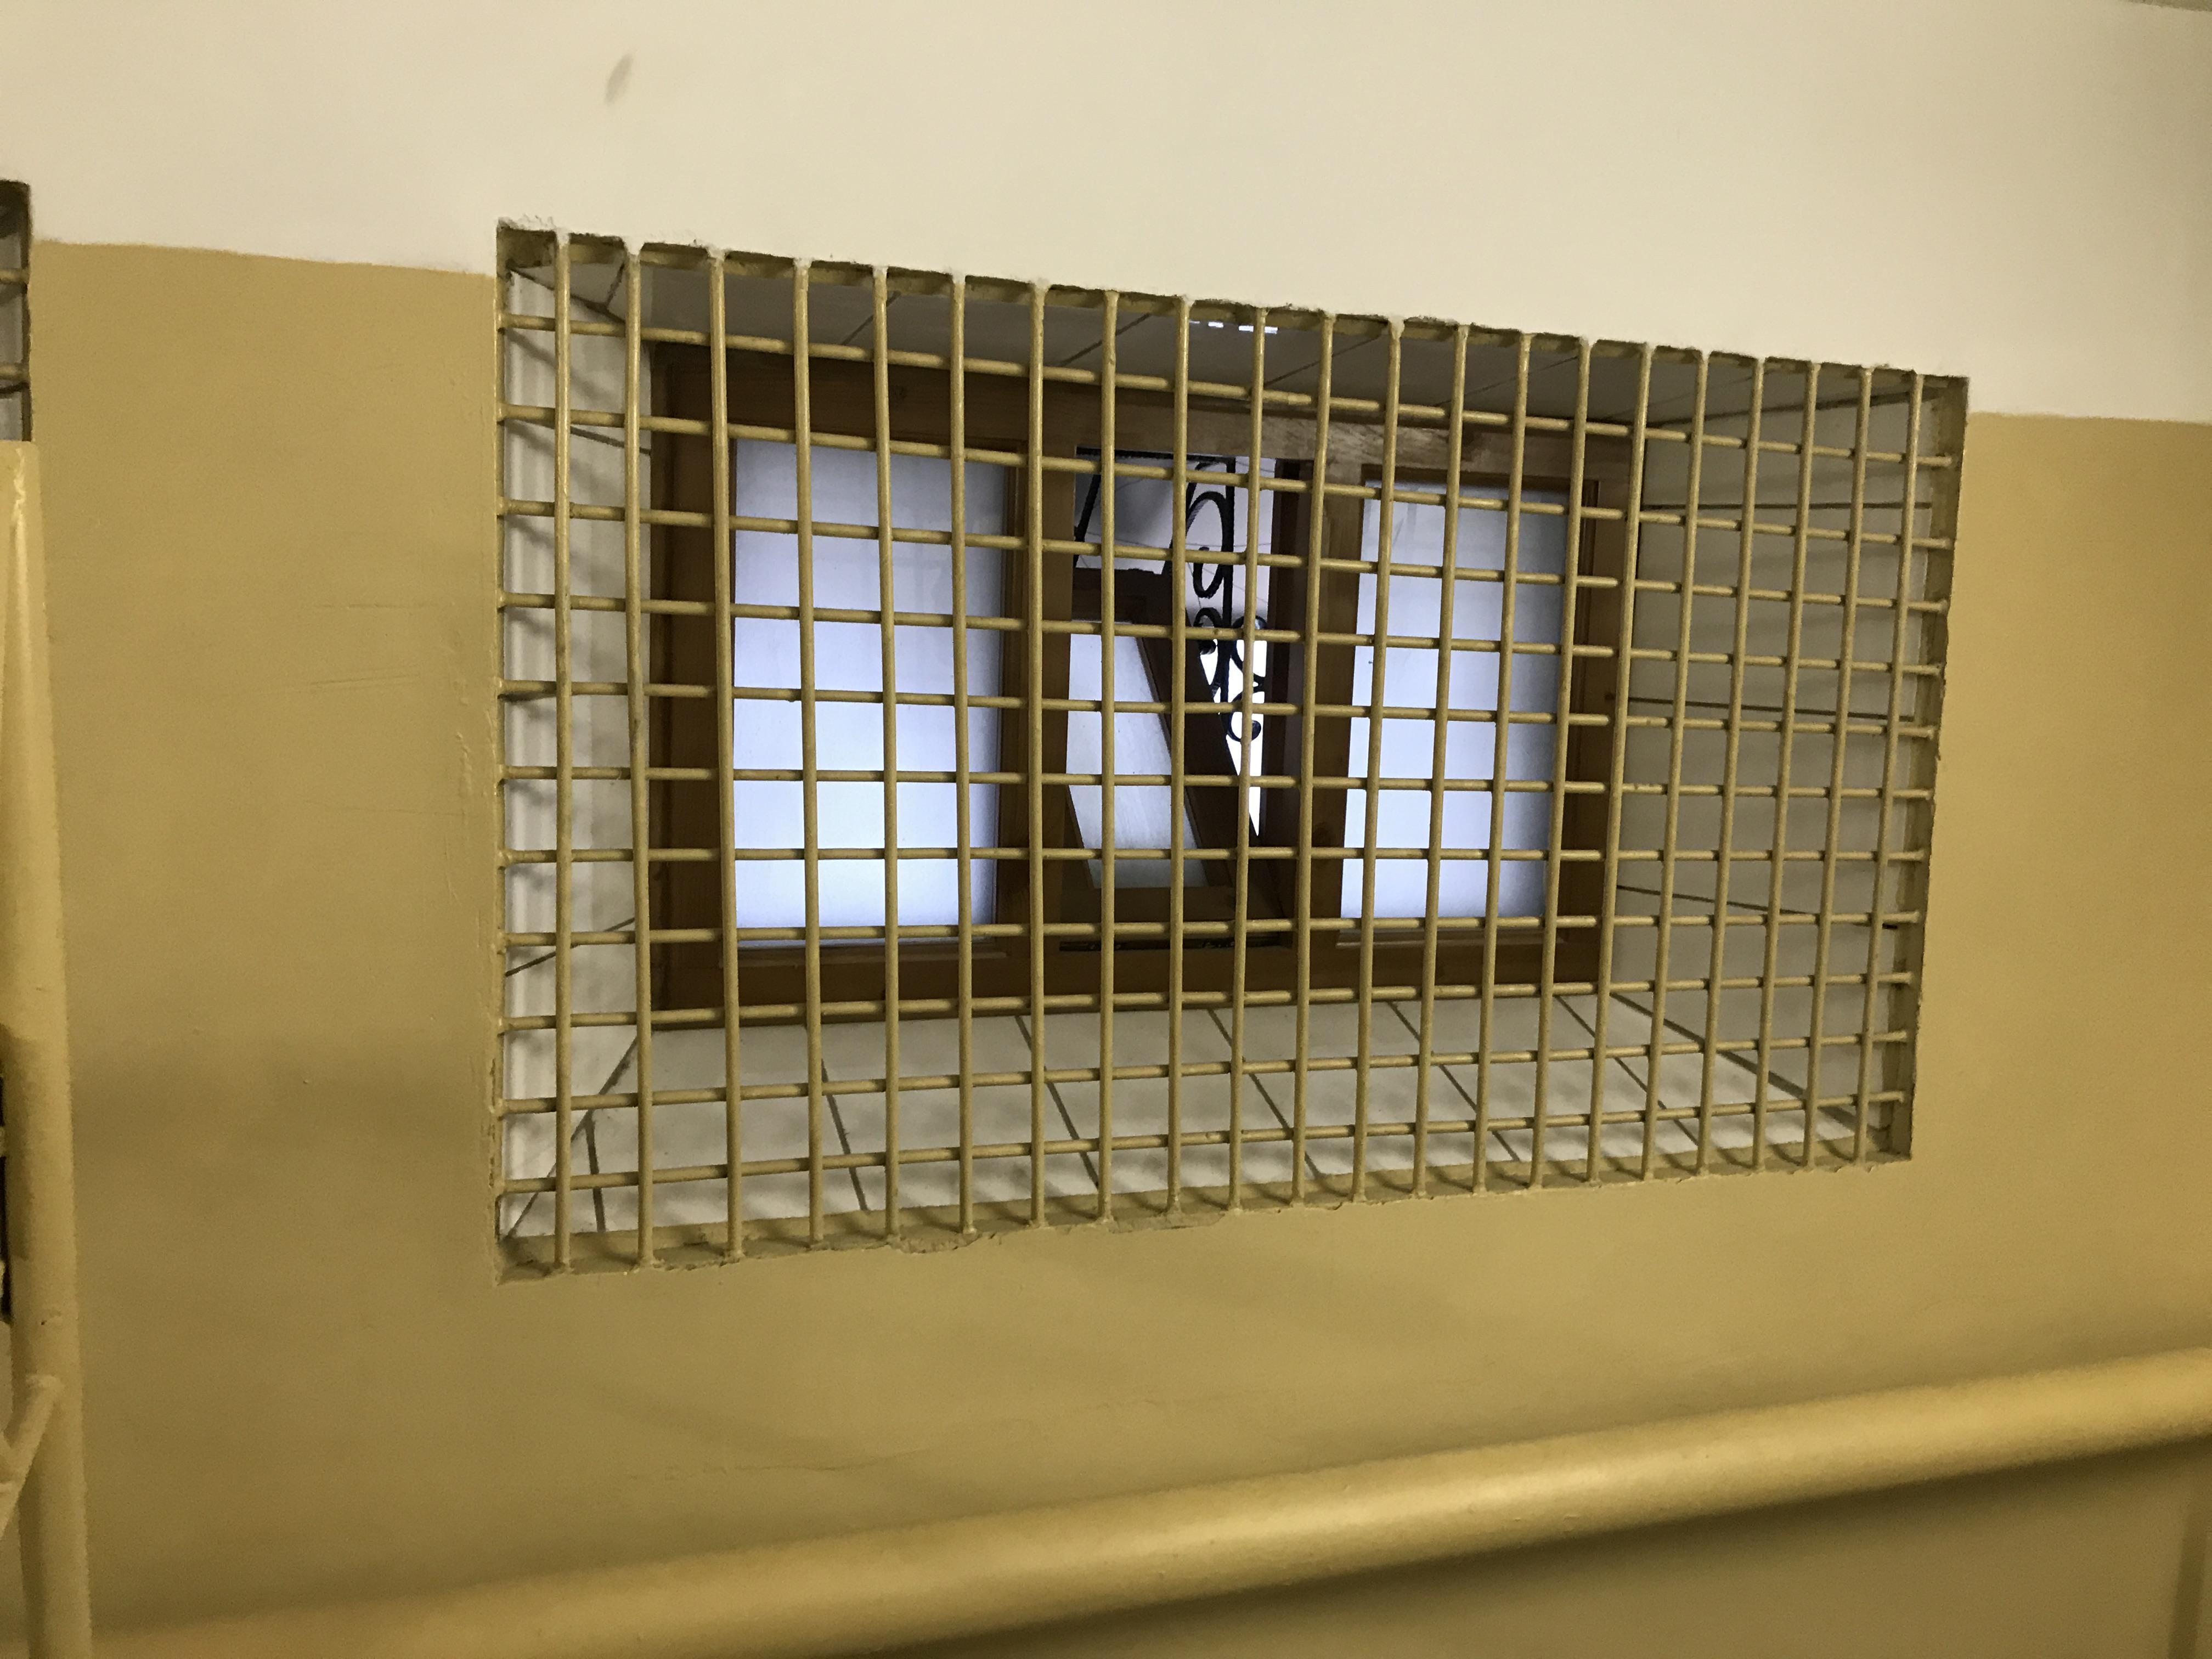 У Олексіївській виправній колонії № 25 виявлено порушення прав засуджених